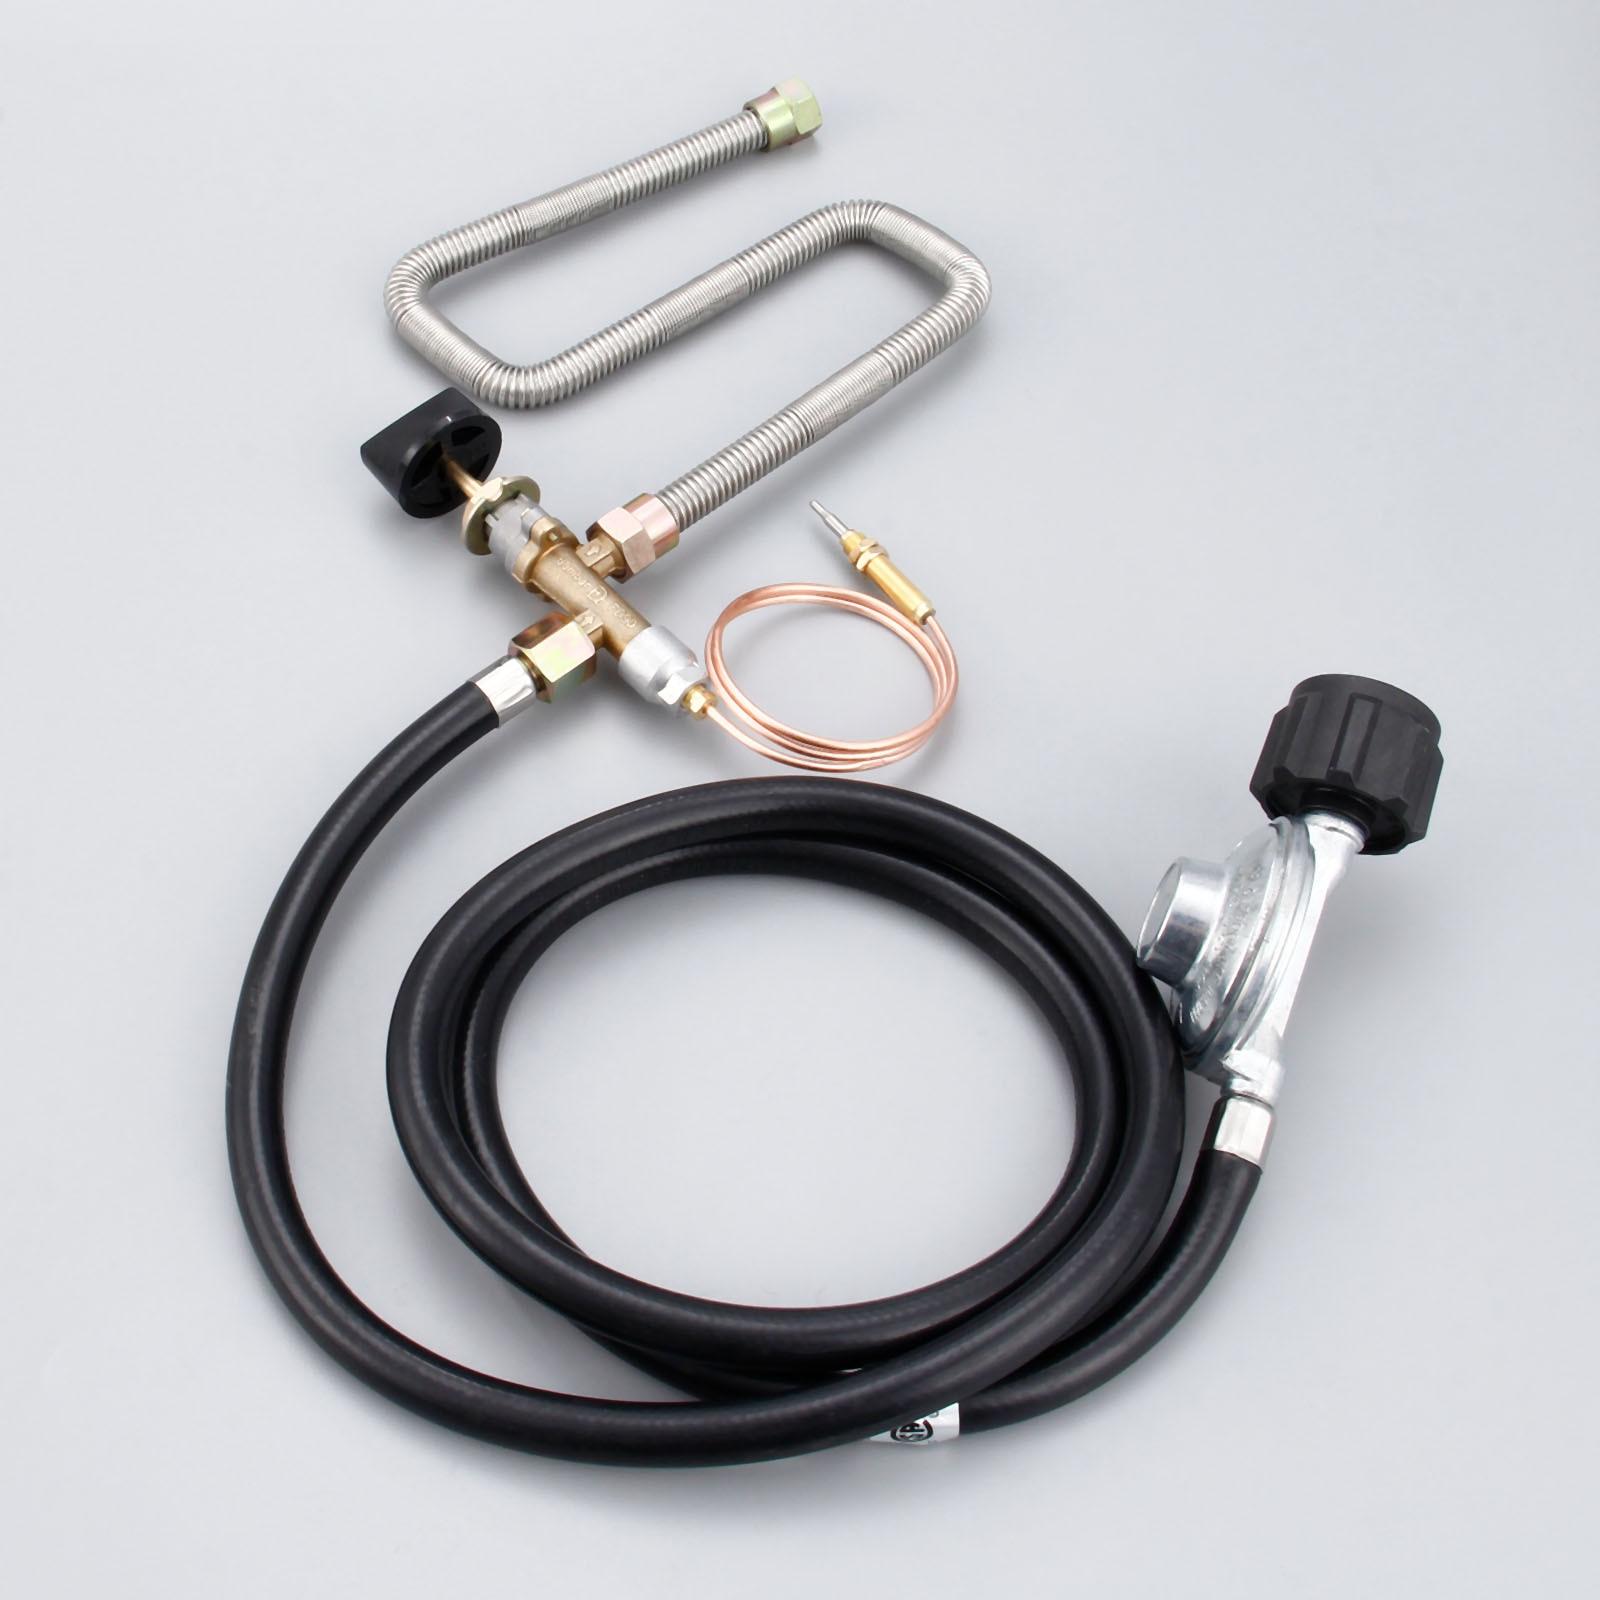 البروبان حفرة معدنية للحريق نظام التحكم صمام عدة أجزاء الموقد منظم الغاز صمام مع خرطوم 600 مللي متر الحرارية العالمي M8